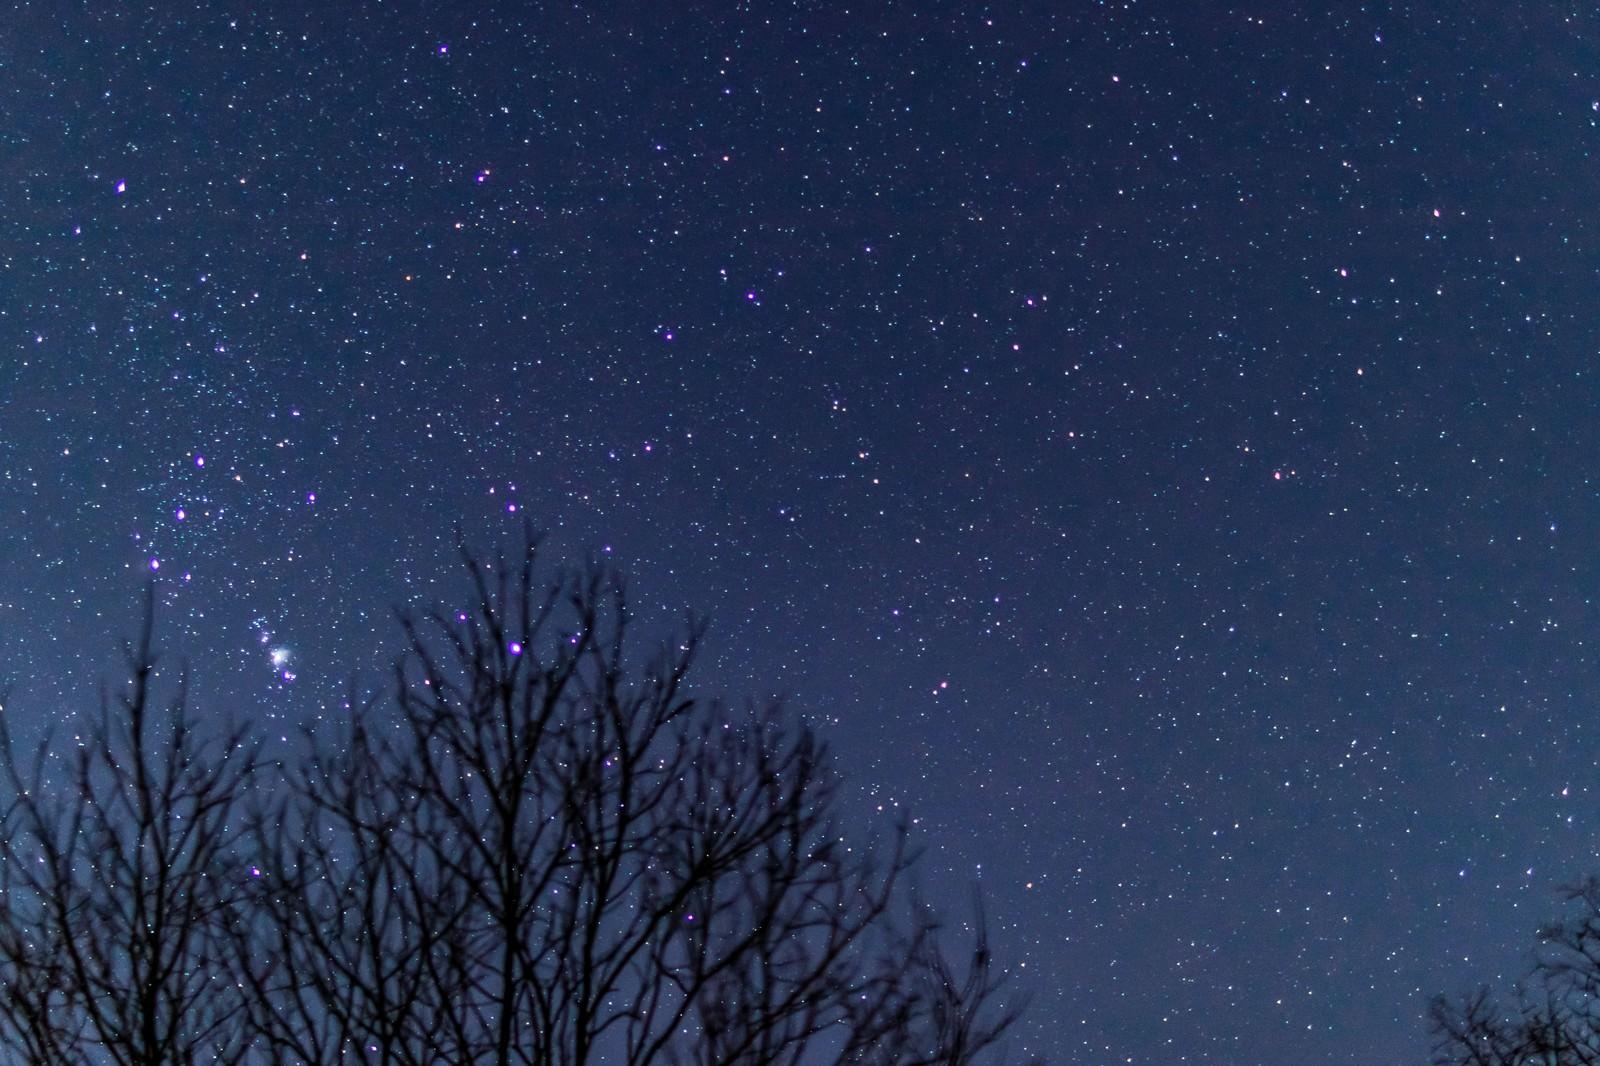 「冬の星空」の写真